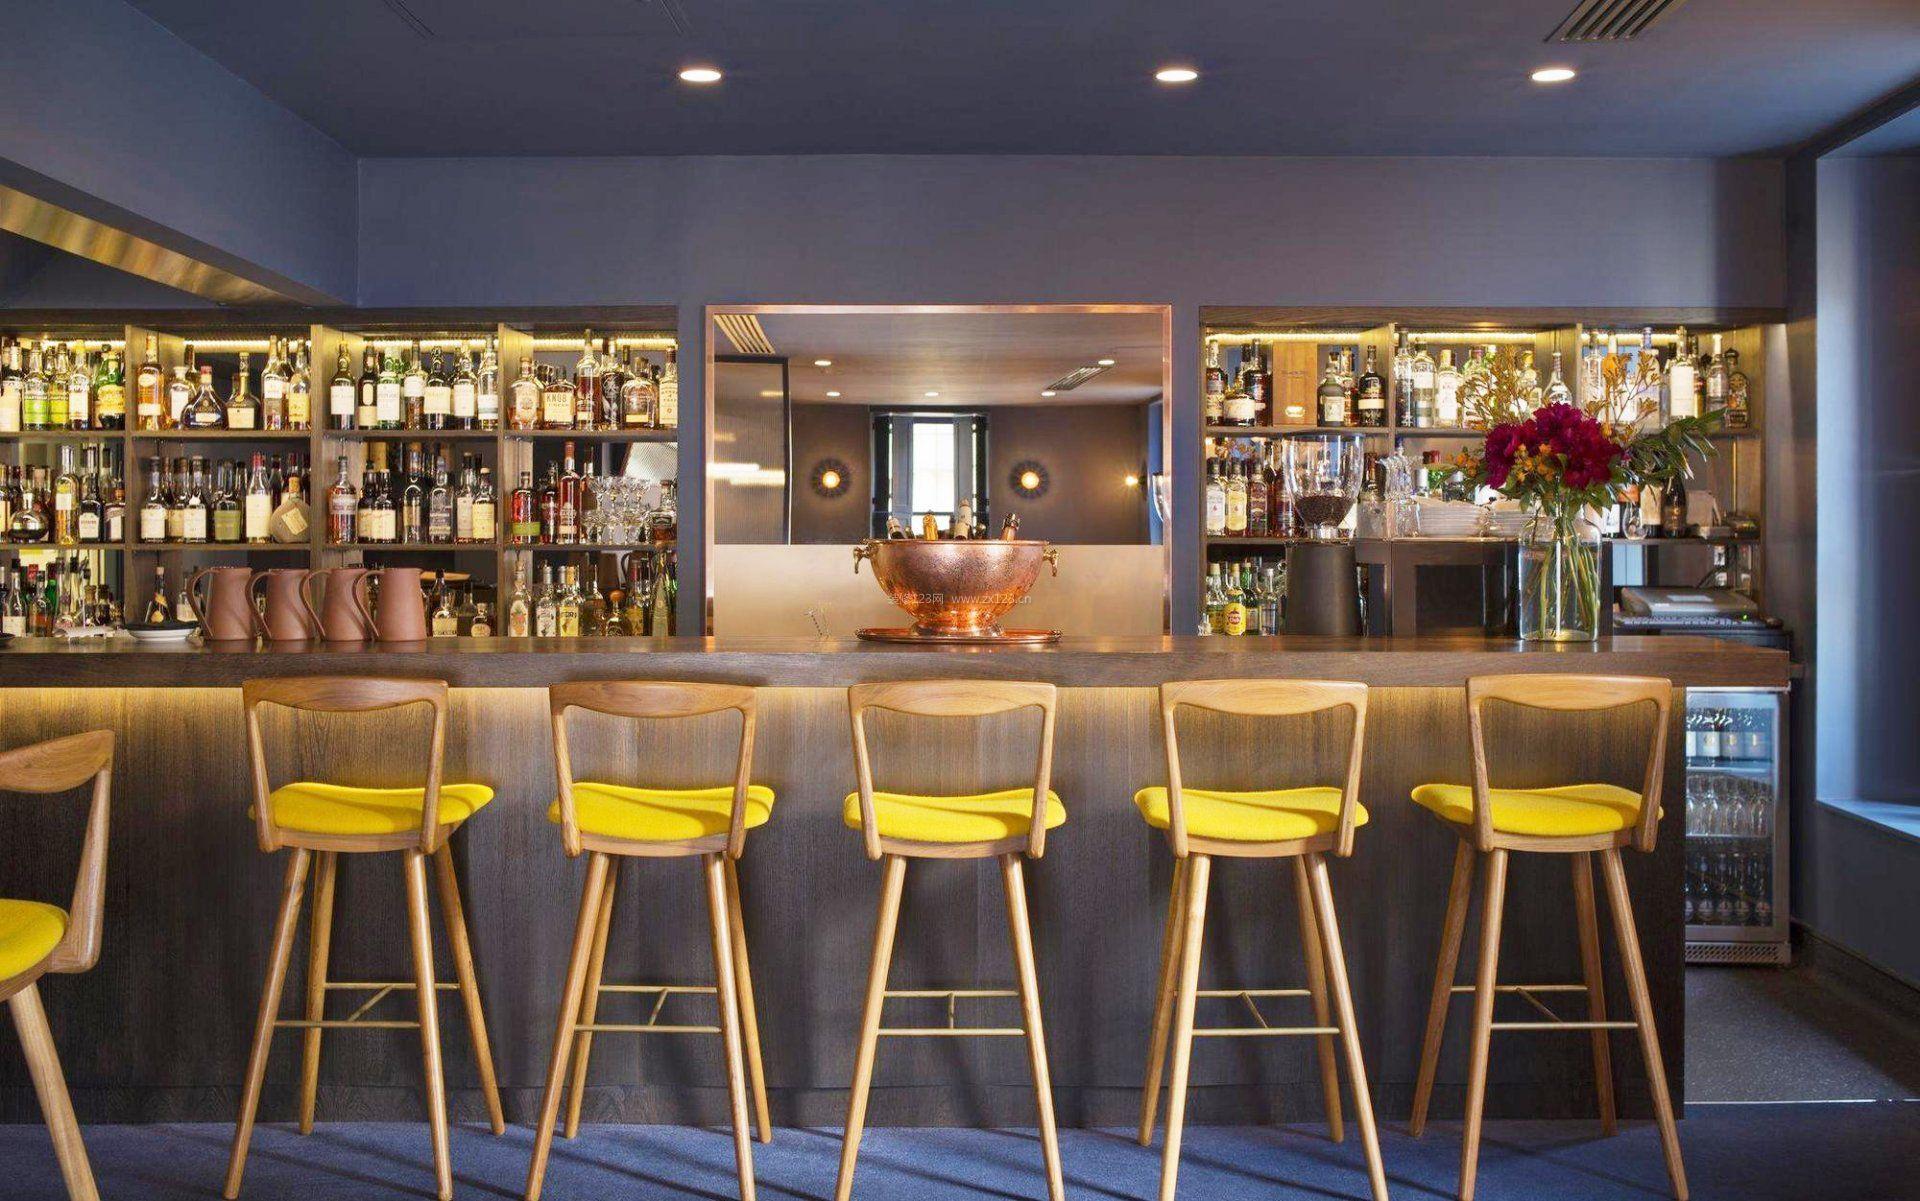 小酒吧吧台椅装修效果图